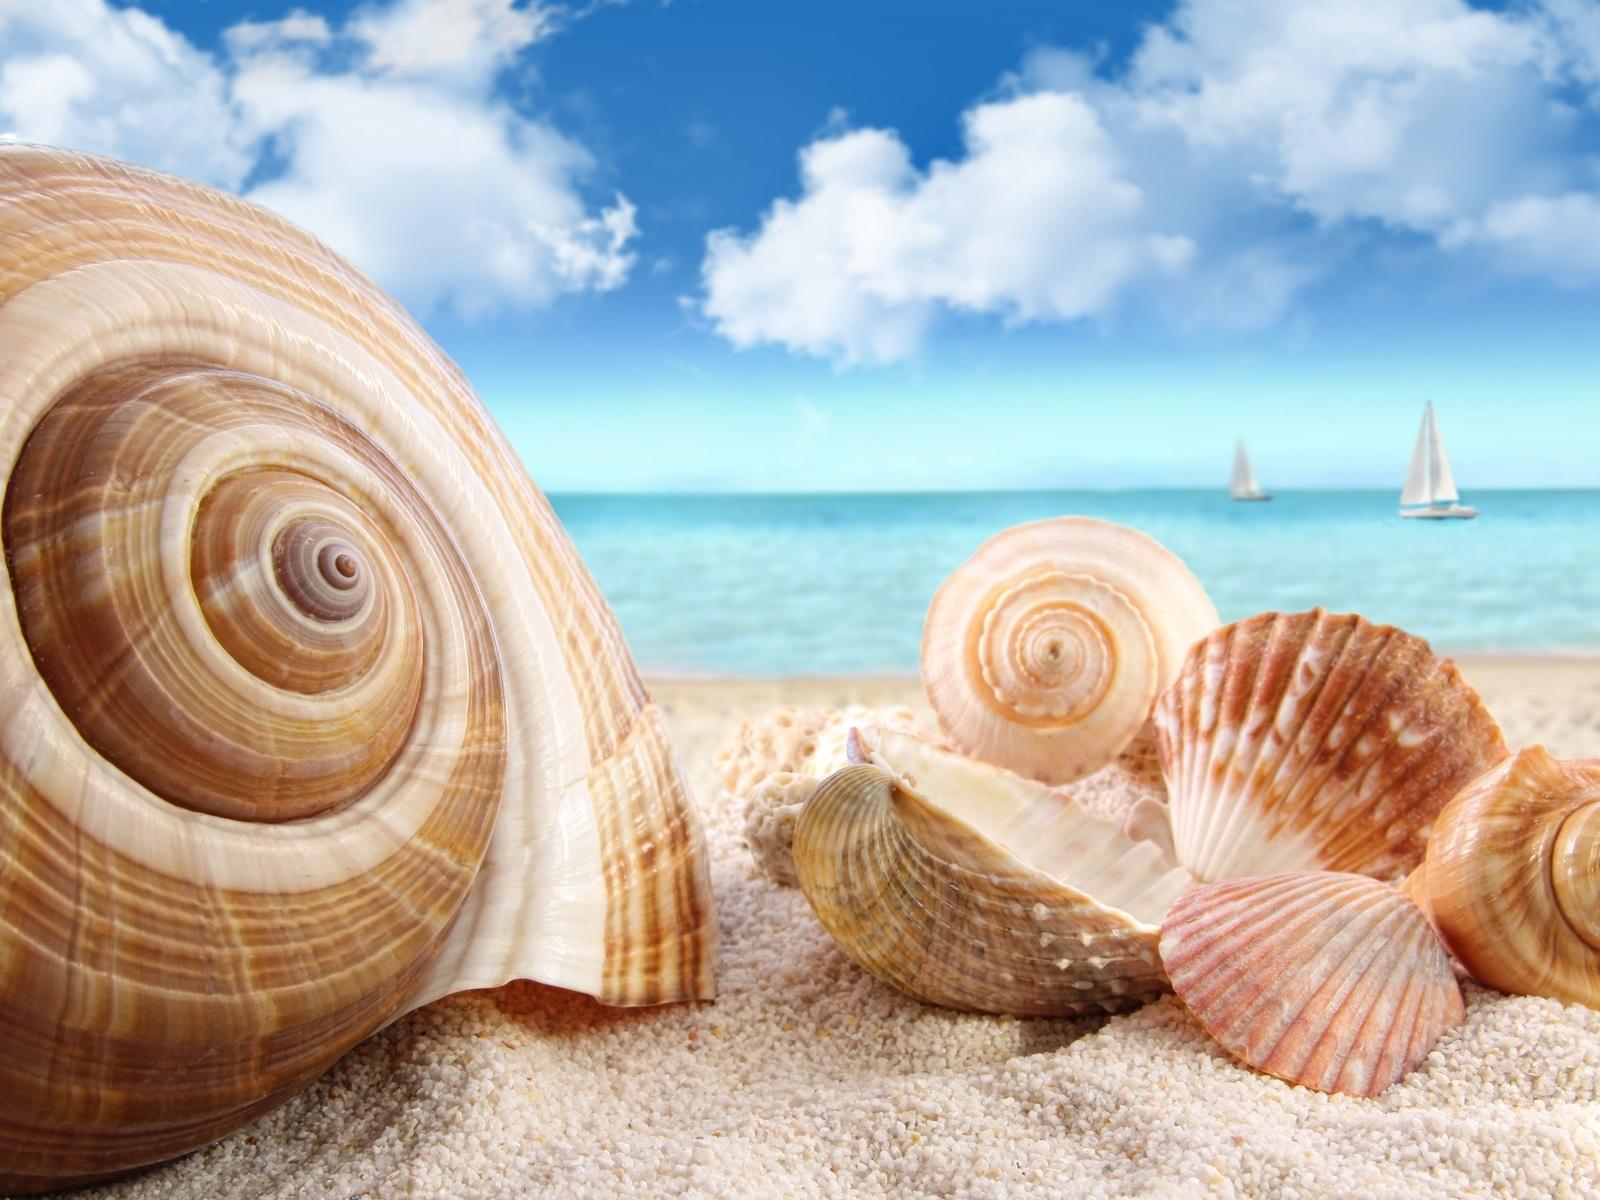 Море пляж песок ракушки обои для